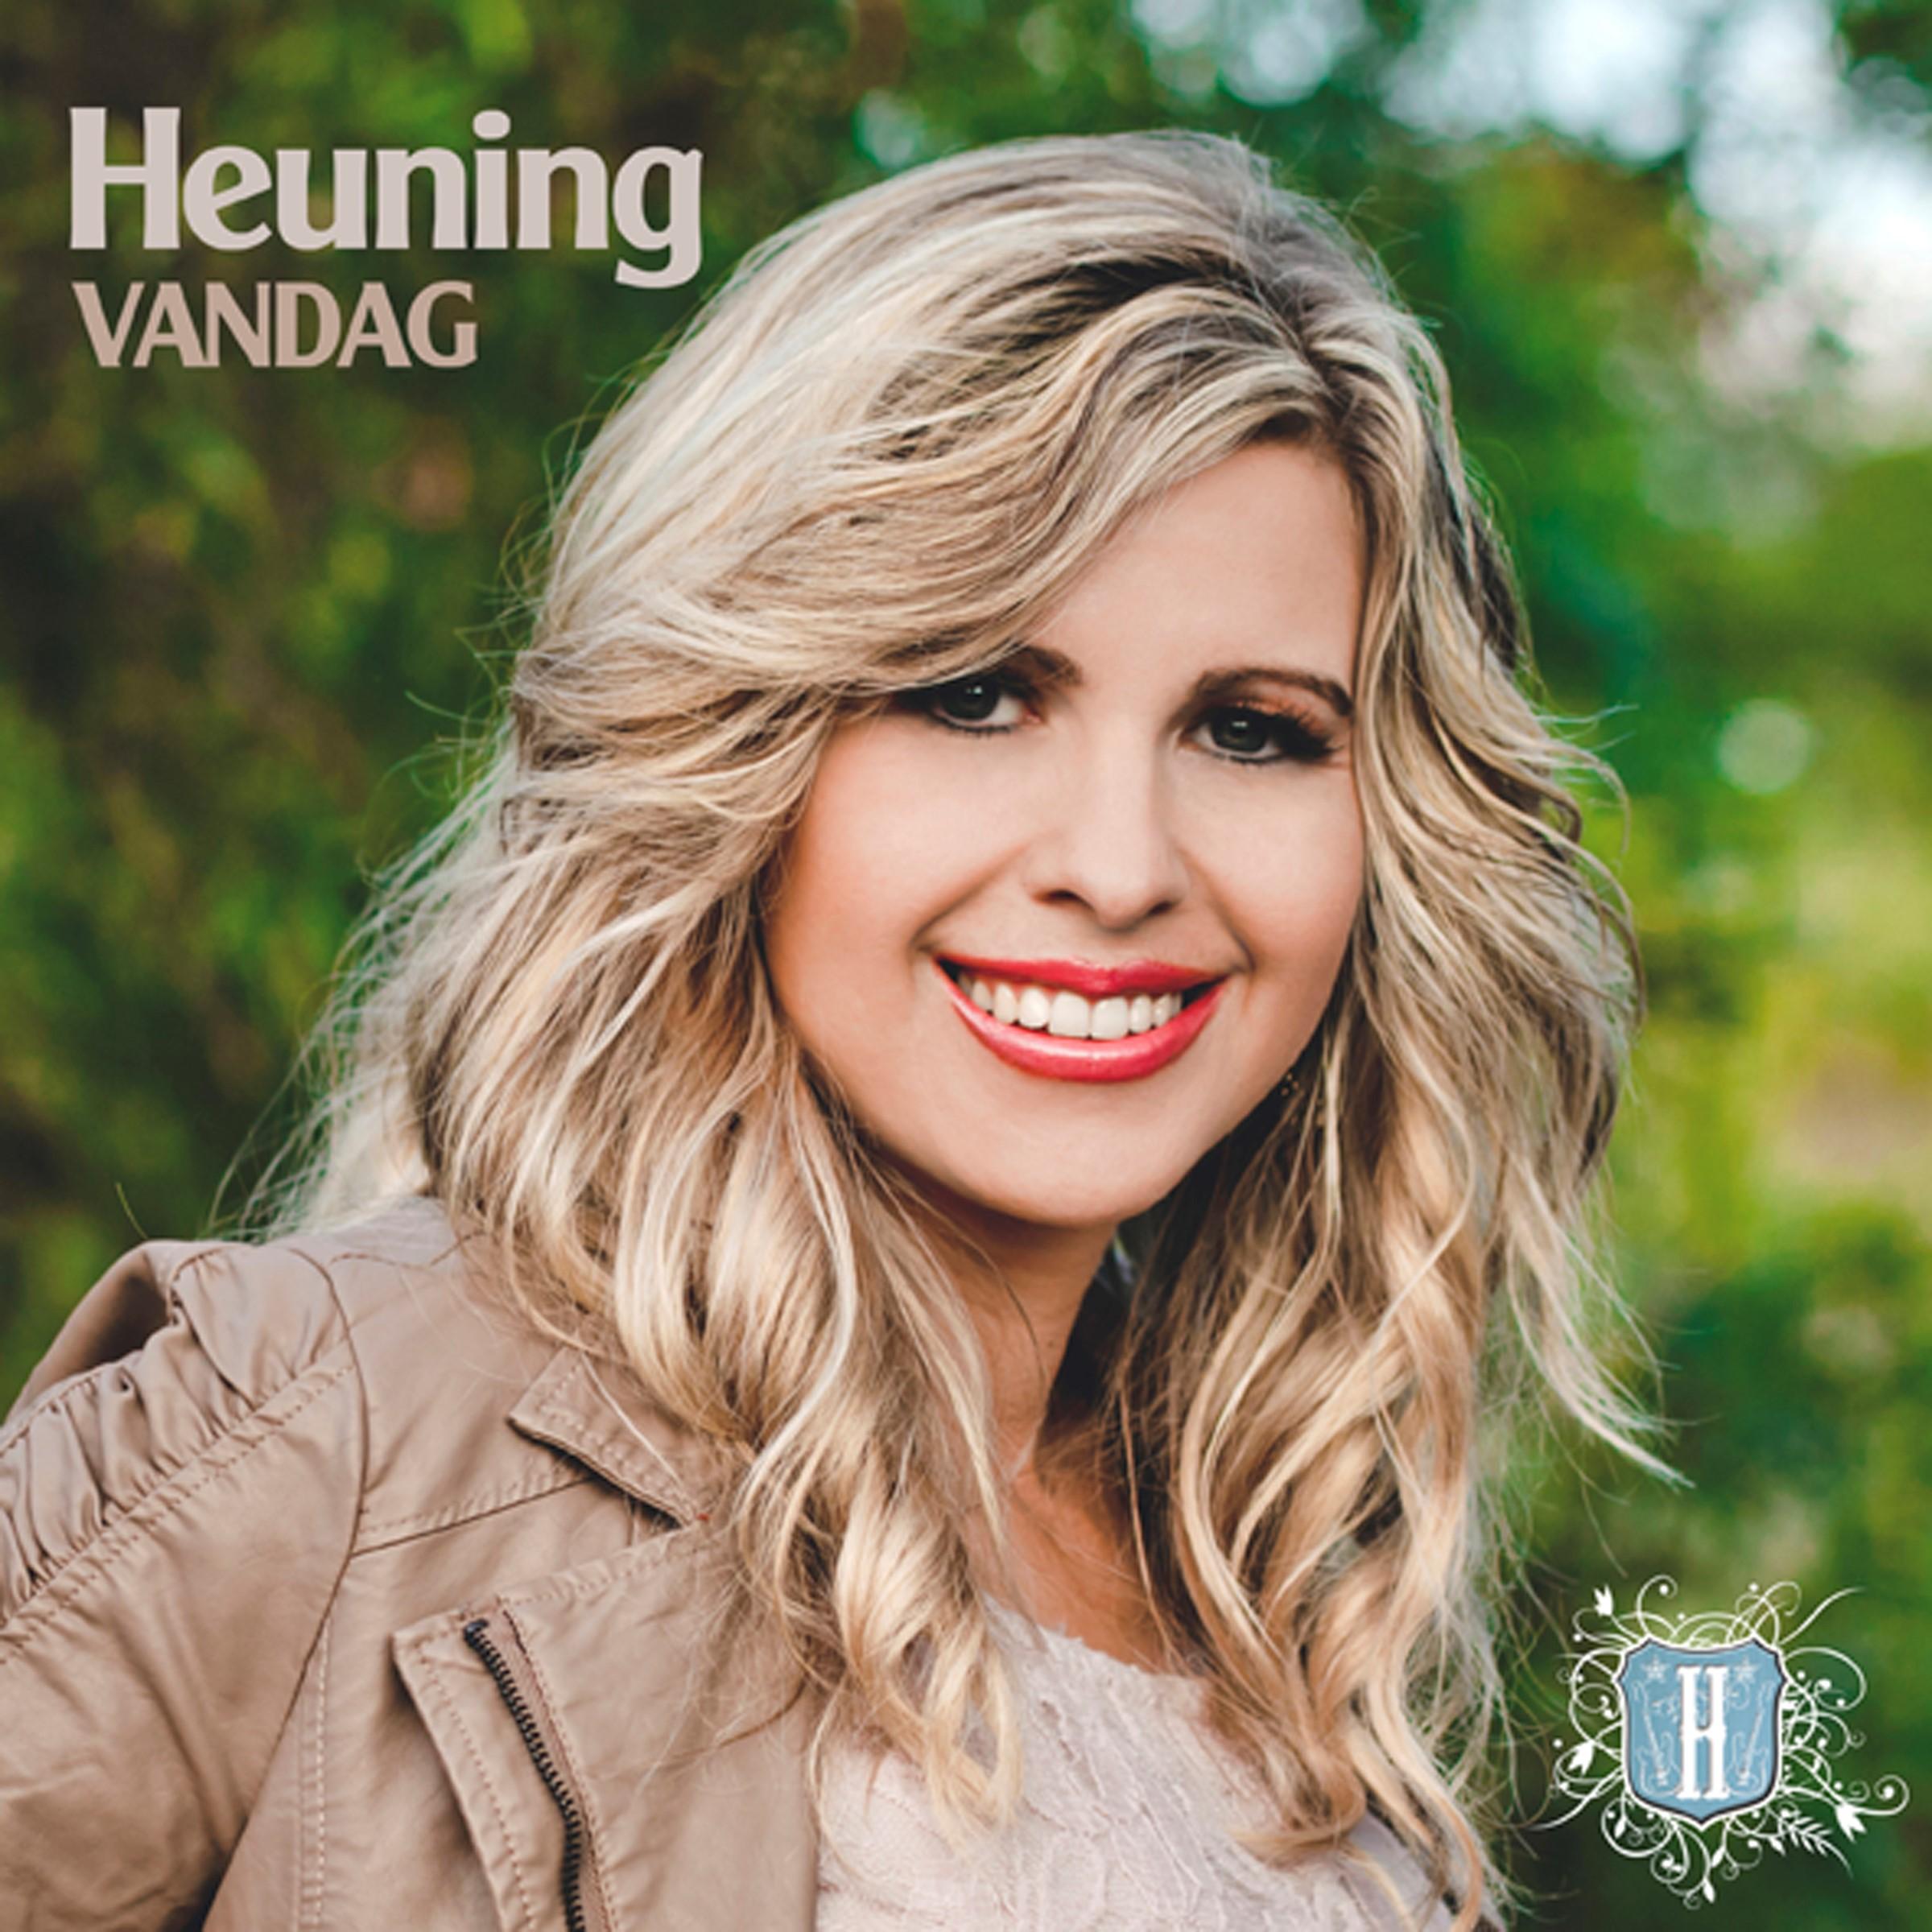 HEUNING